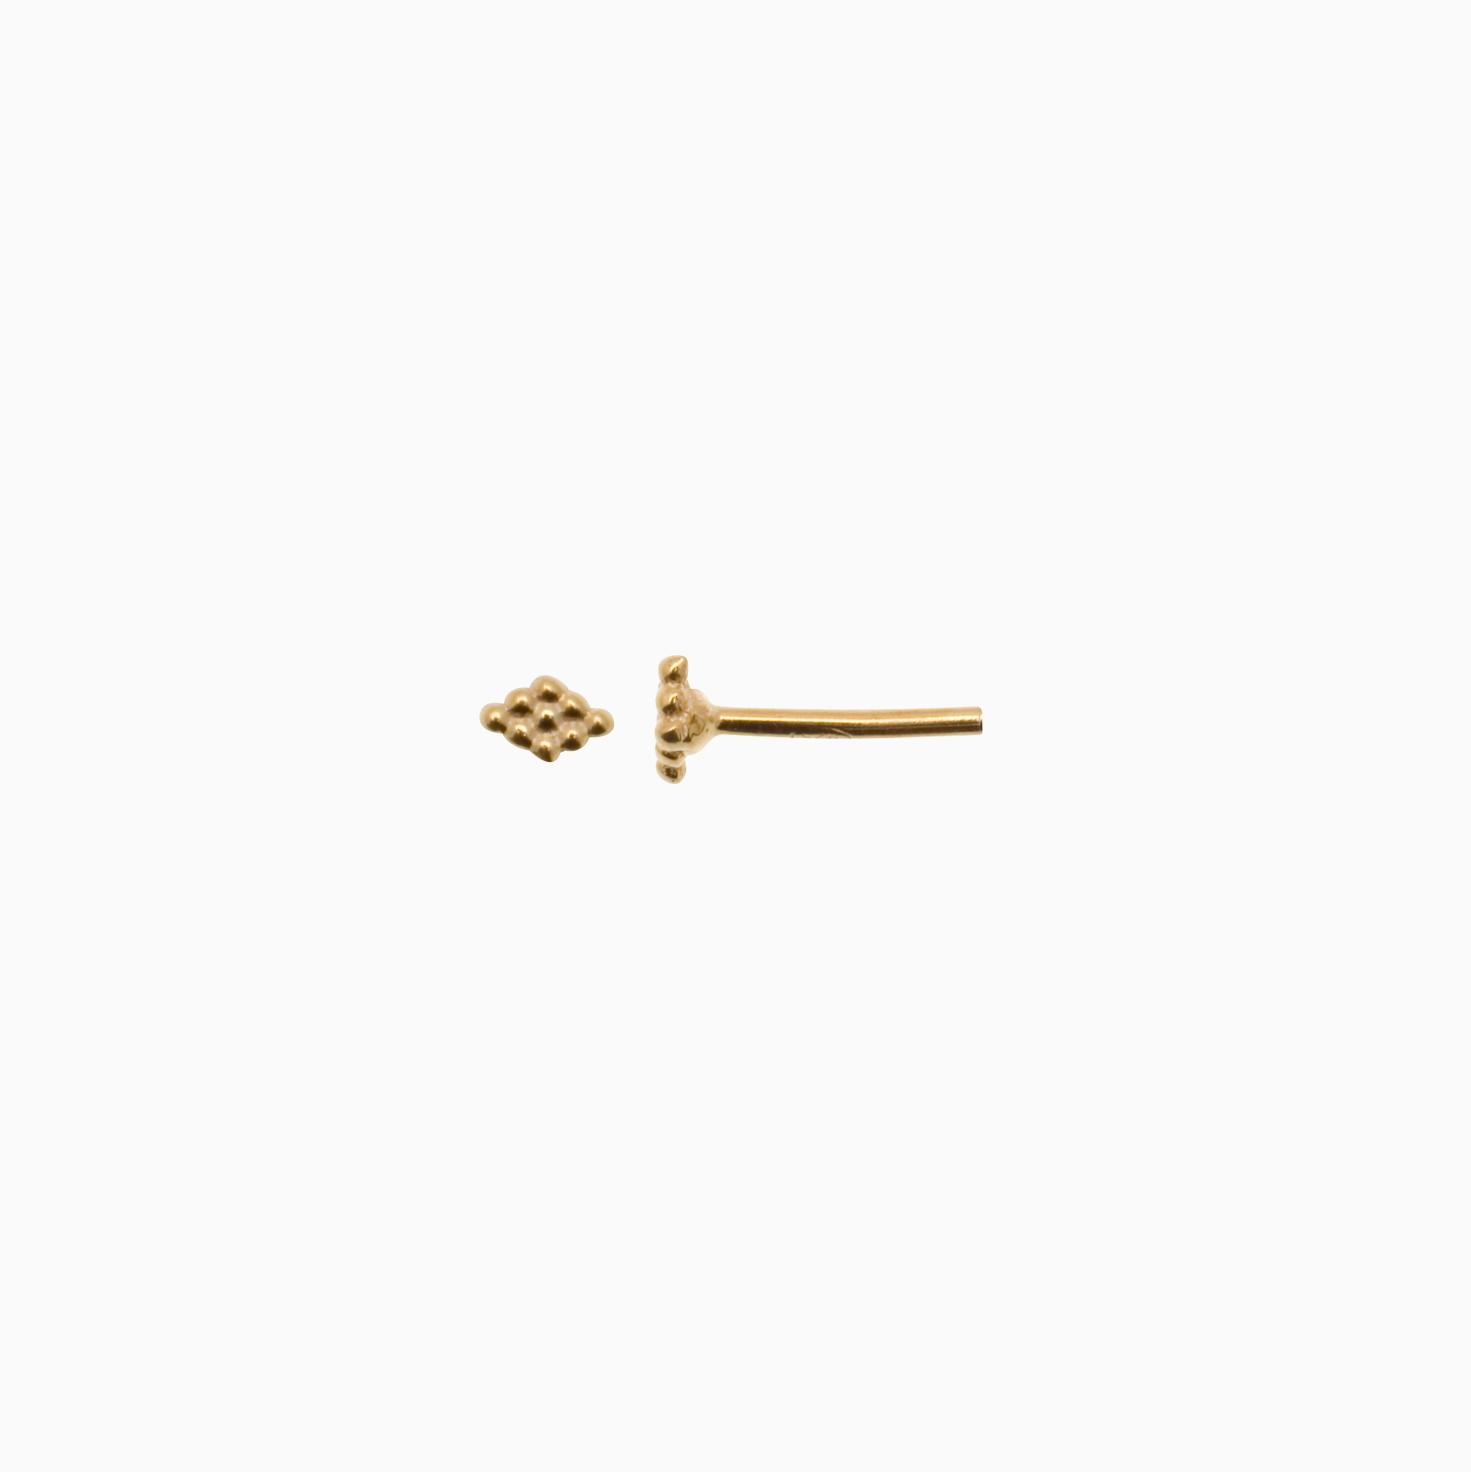 Ørestik af guld i harlekin | no. 749